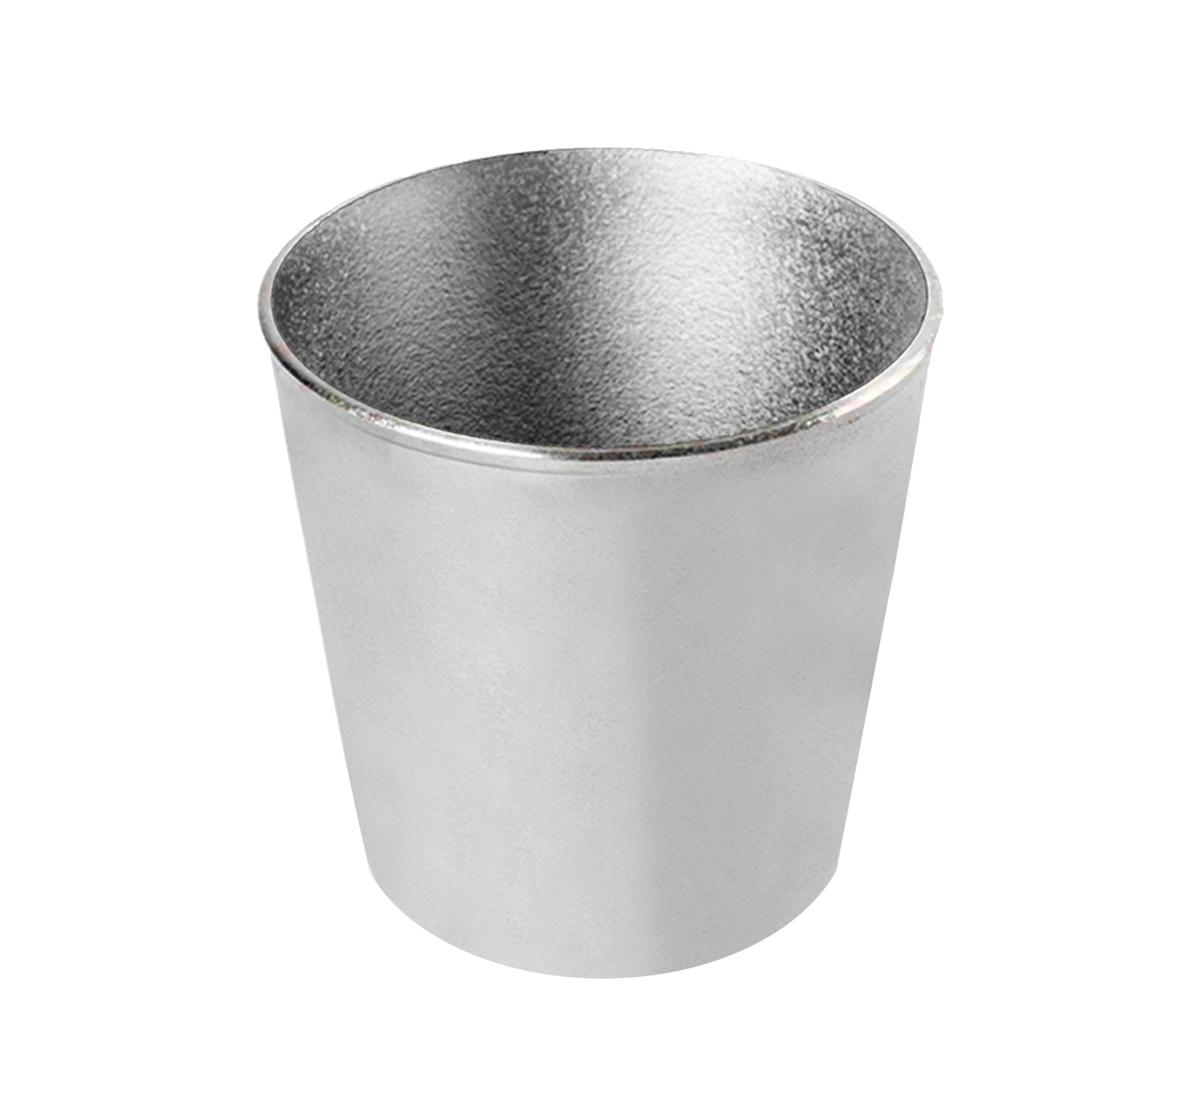 Форма для кулича Биол, 1,4 лФК03Форма для кулича Биол изготовлена из прочного алюминия. Изделие специально предназначено для приготовления кулича. Можно использовать в духовом шкафу. Диаметр (по верхнему краю): 13,5 см. Диаметр основания: 10 см. Высота стенки: 14 см.